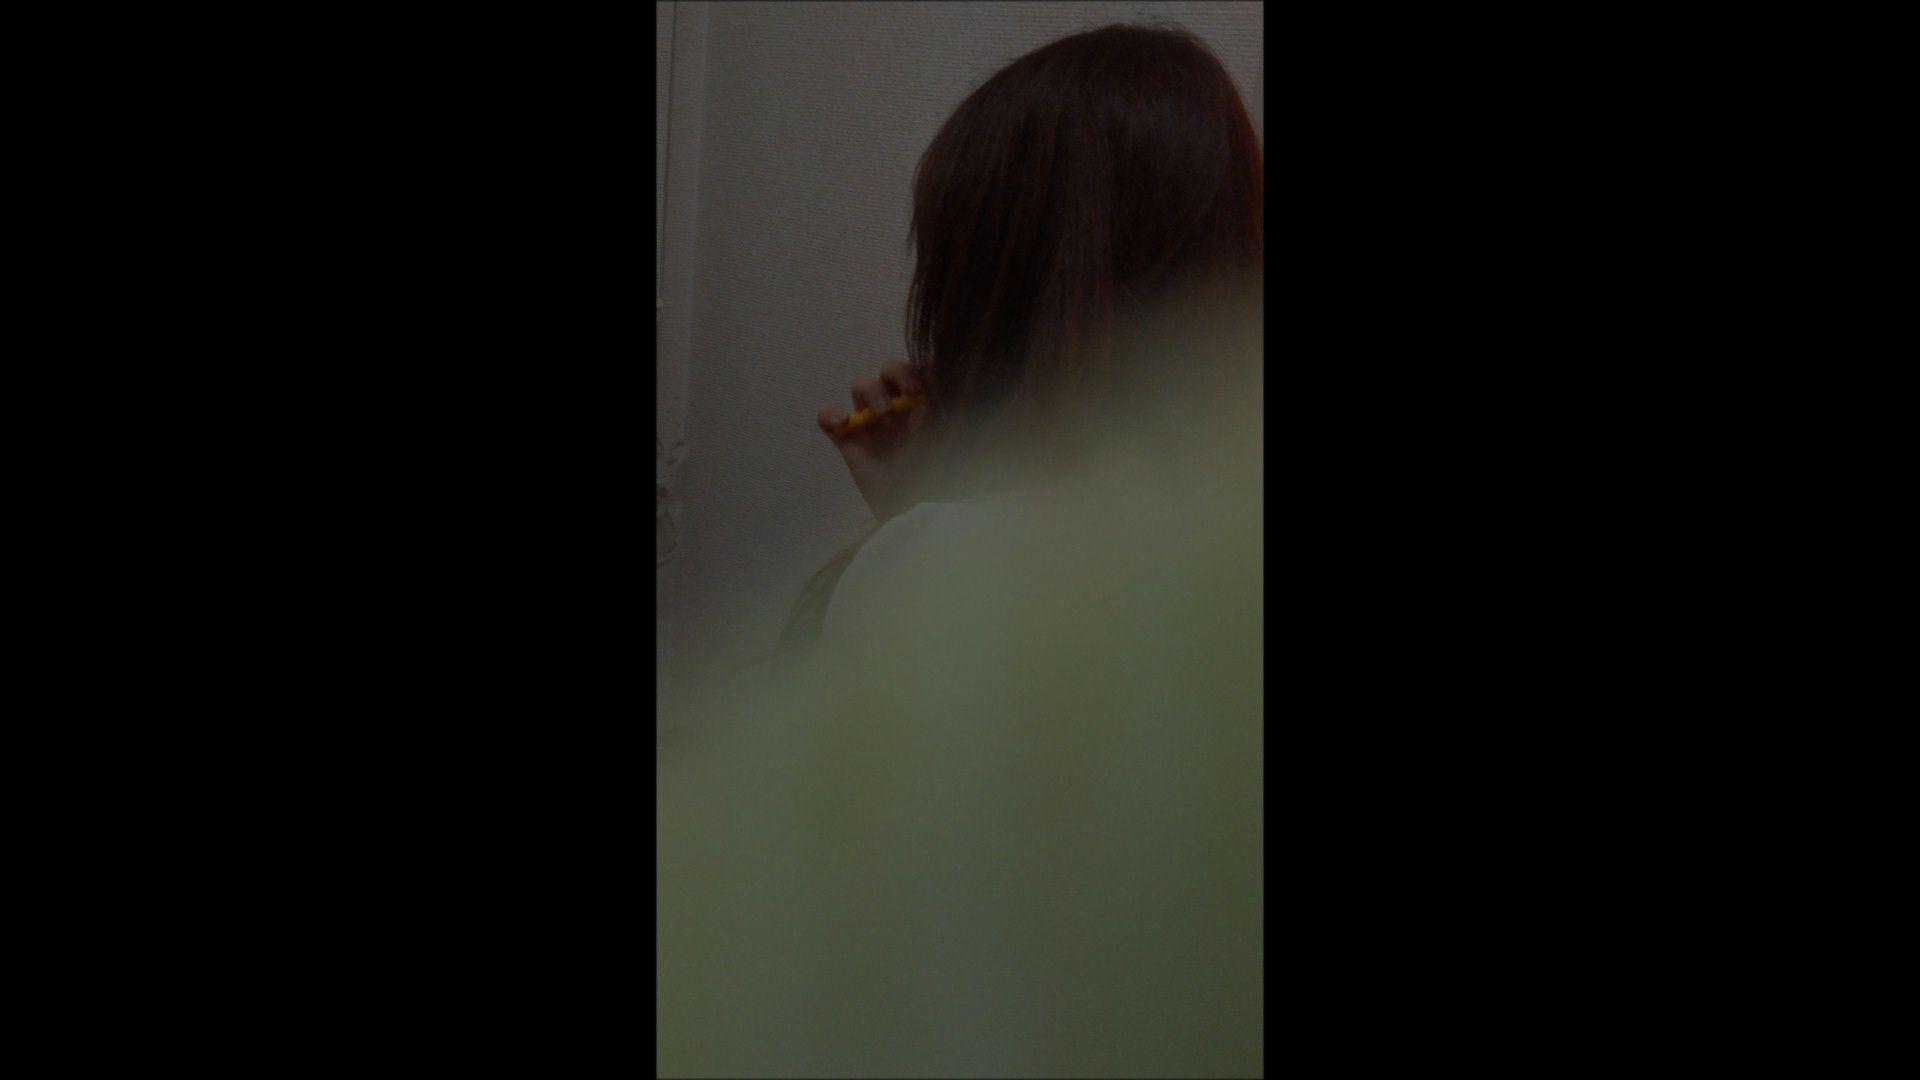 08(8日目)メイク中の彼女の顔を撮りました! 盗撮大放出 性交動画流出 51連発 18